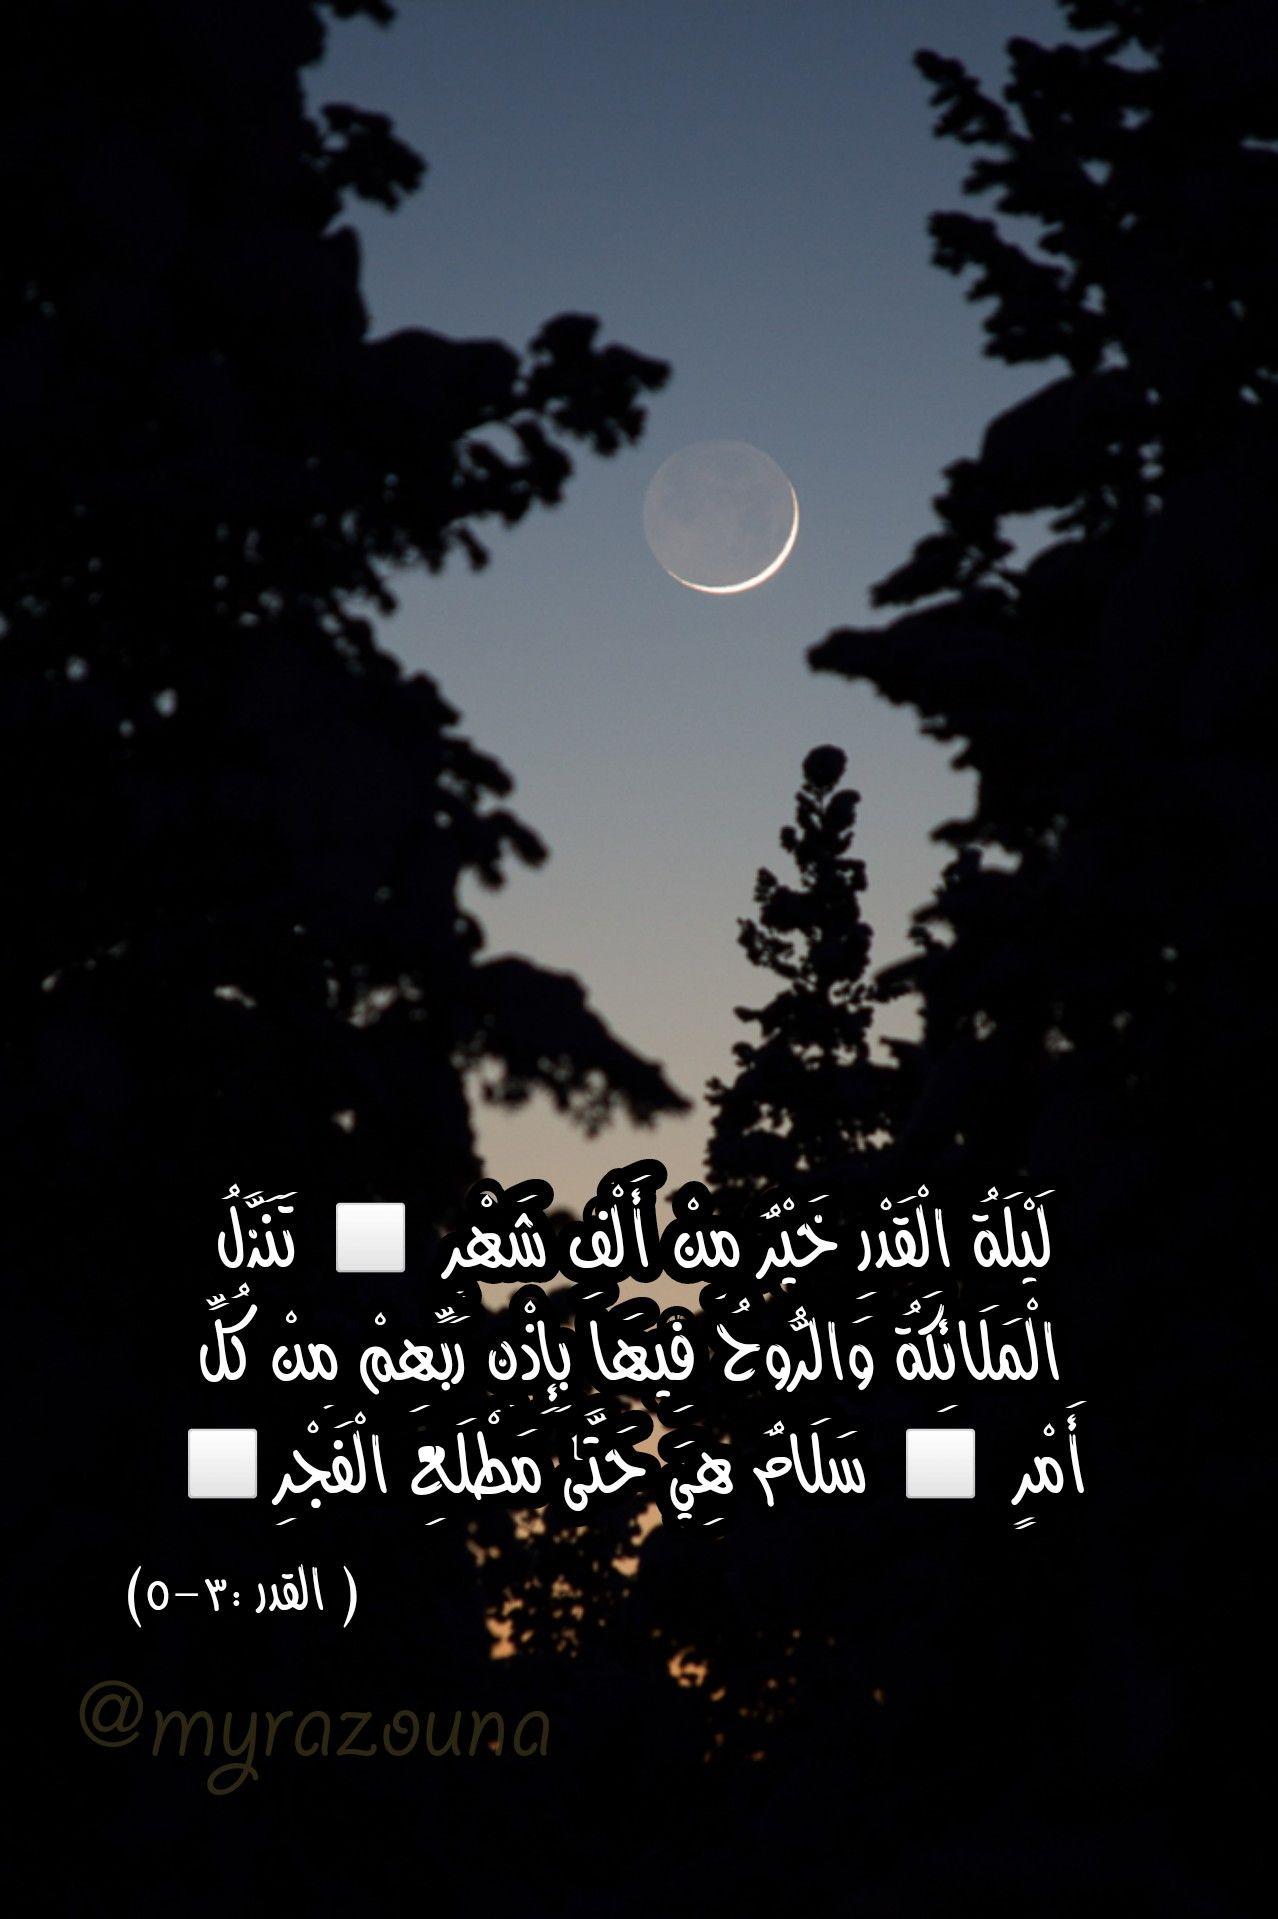 Holy Quran Quotes Surat Al Qadr 97 3 5 Quran Quotes Holy Quran Quotes